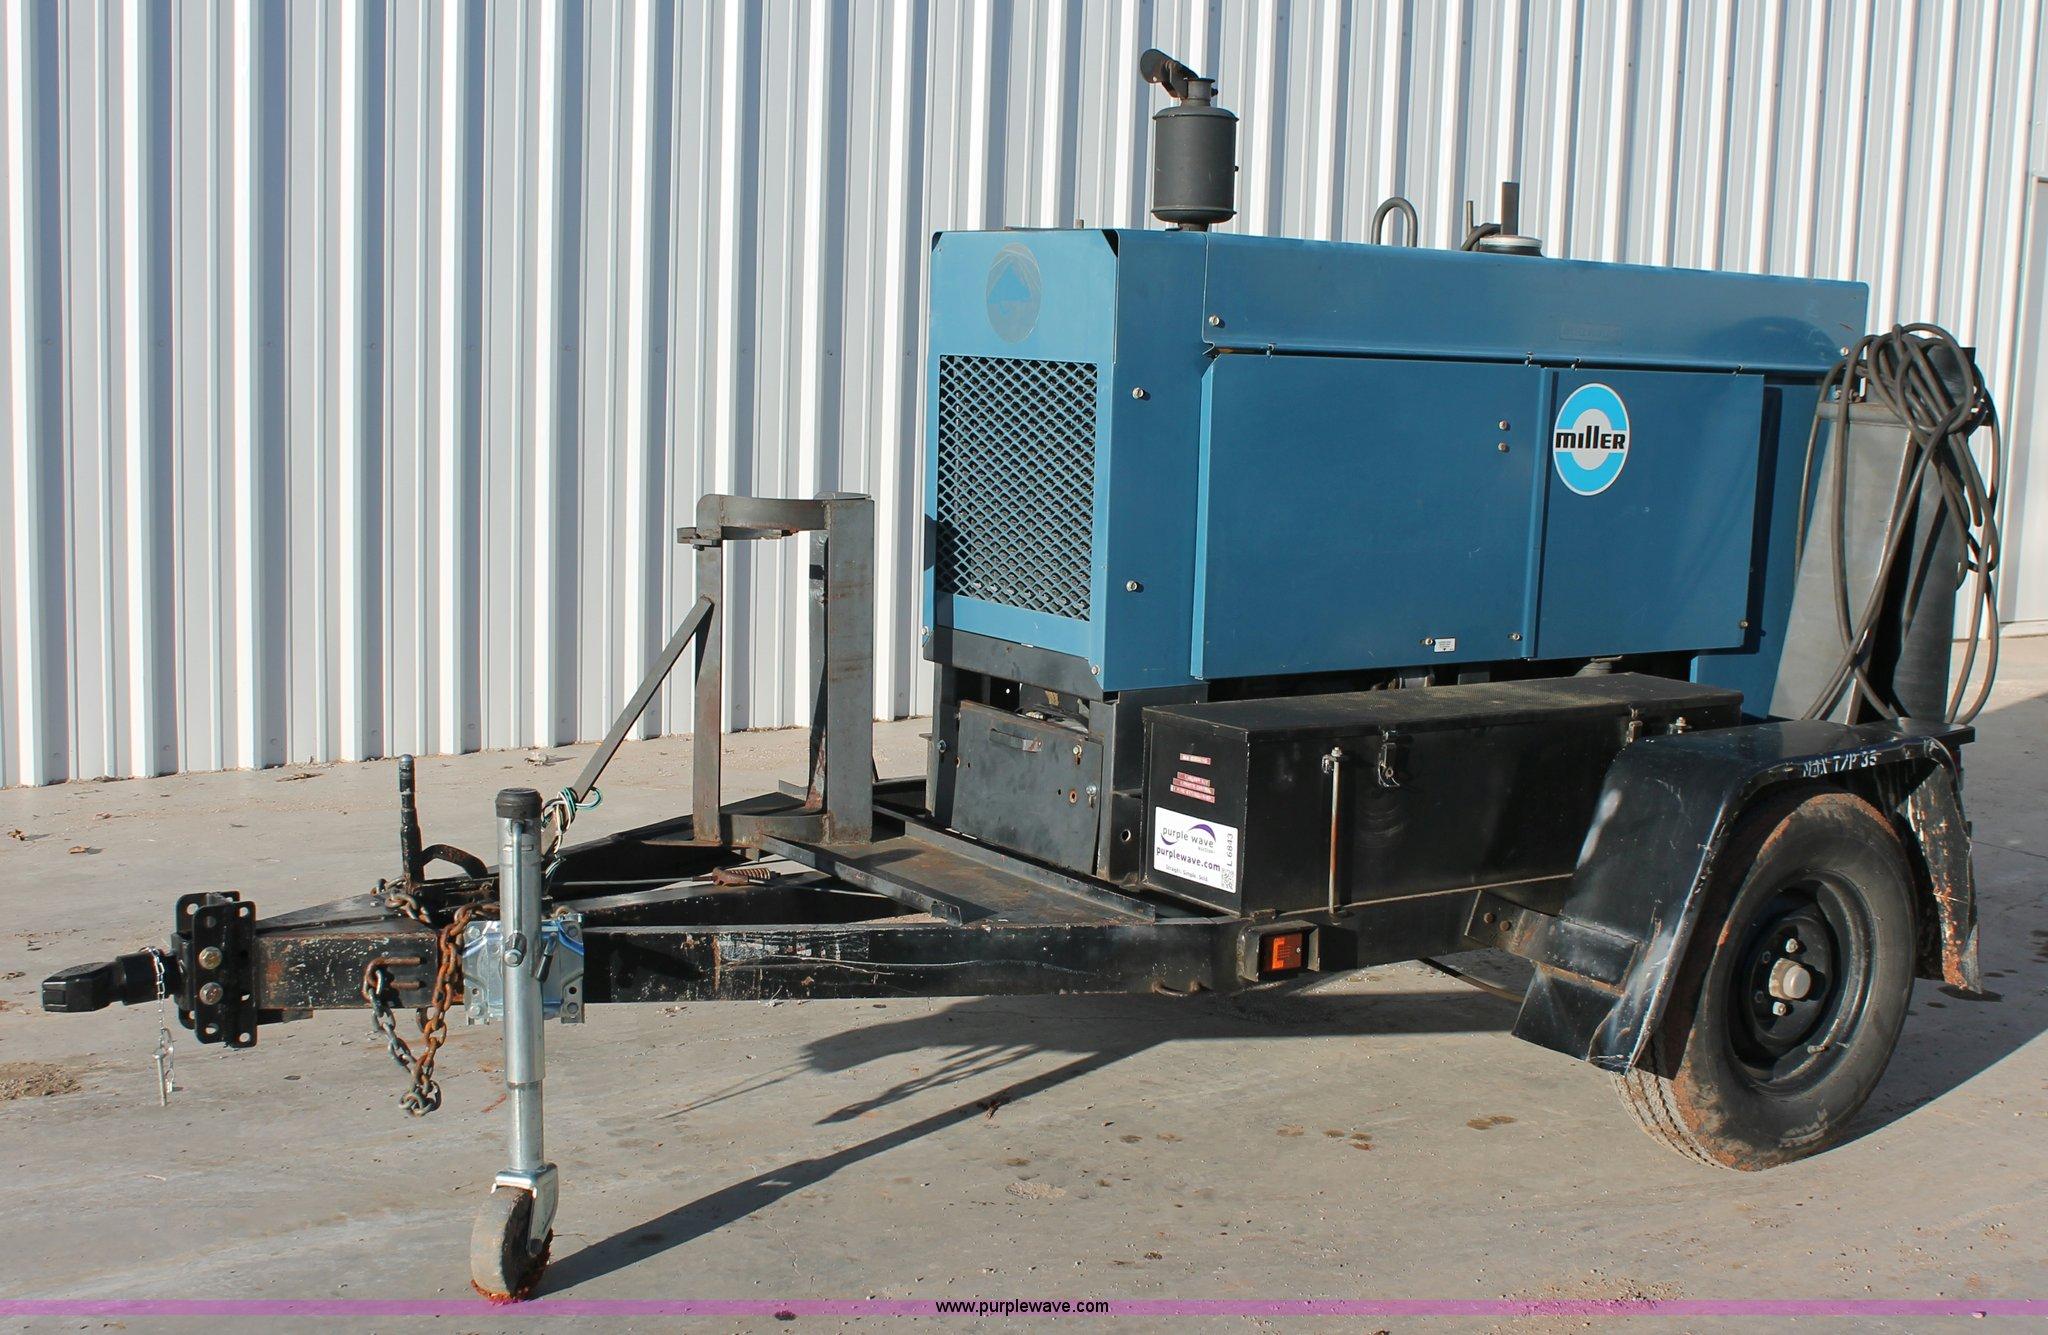 Miller Trailblazer 44d Constant Current Ac Dc Arc Welder Gen Constantcurrent Generator Full Size In New Window